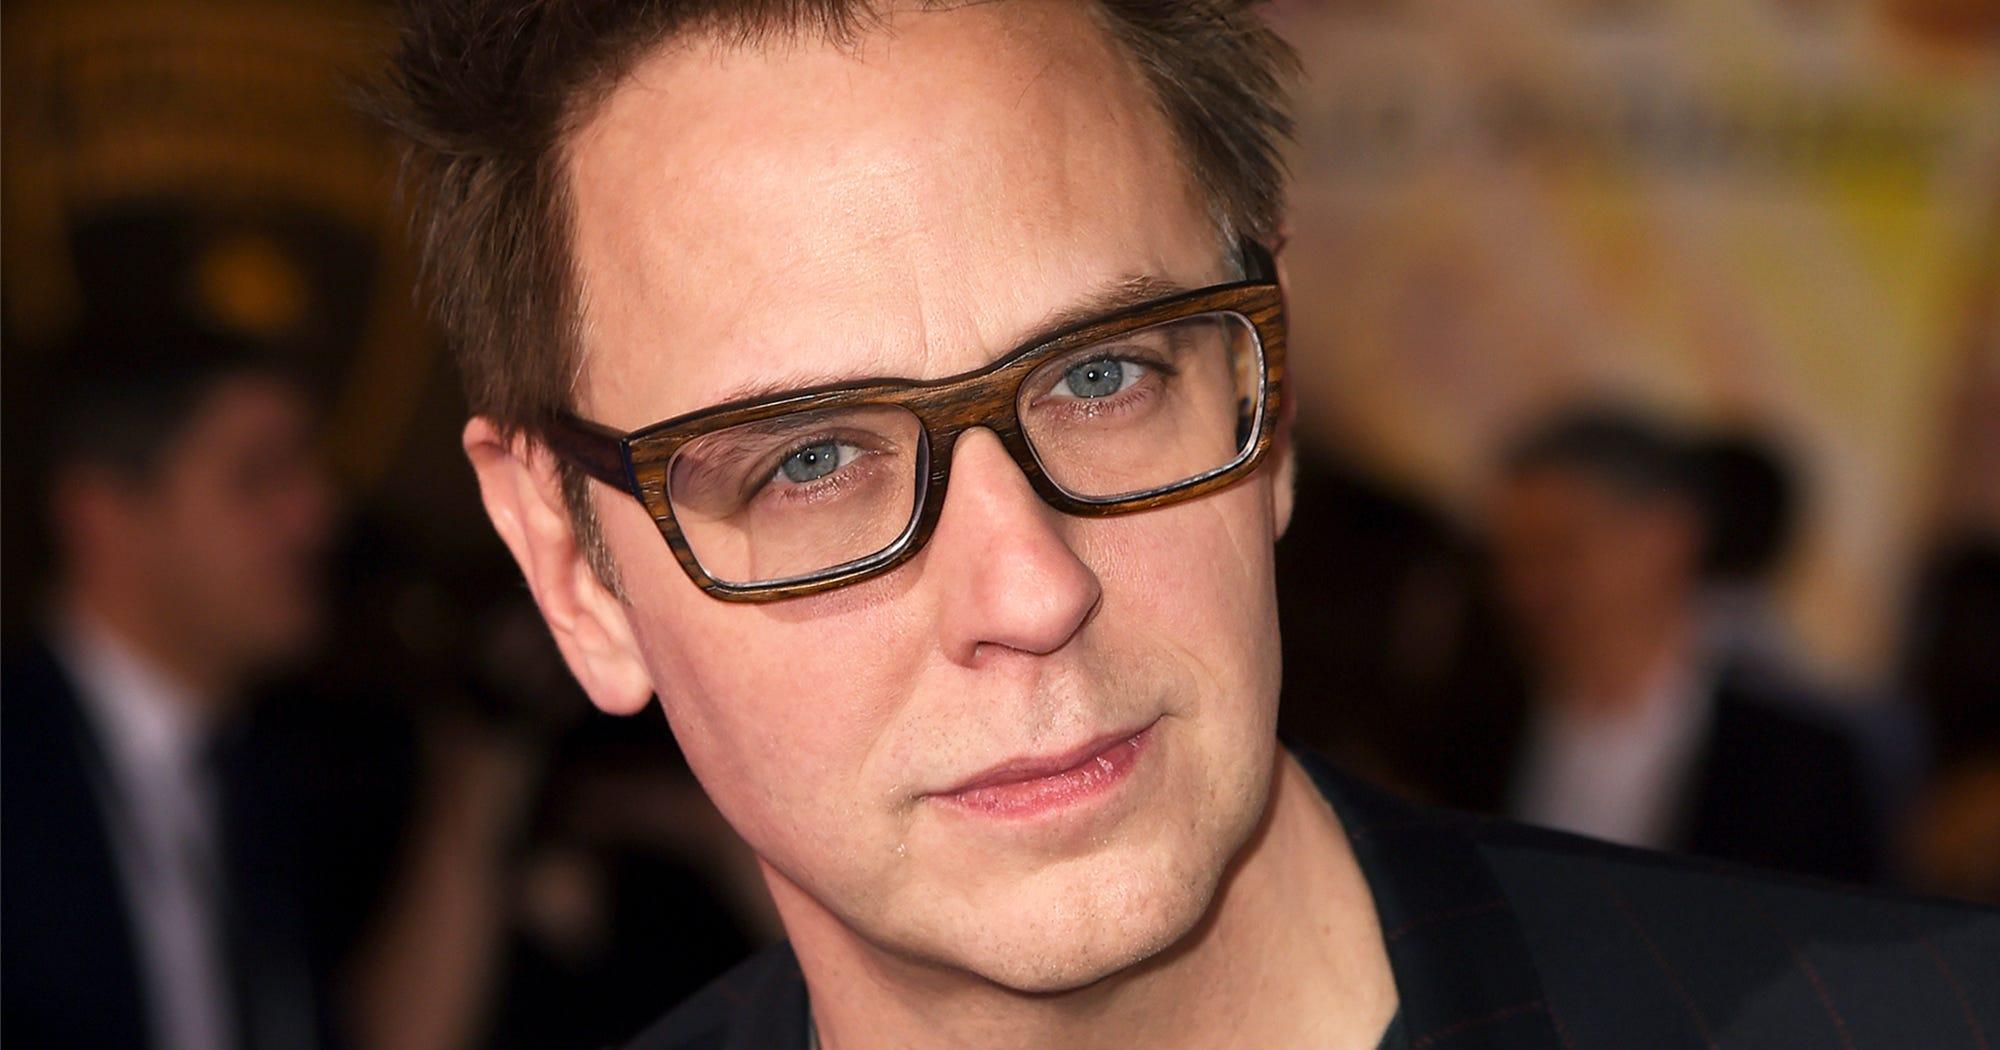 James Gunn Twitter: James Gunn Fired Guardians Of The Galaxy Over Tweets